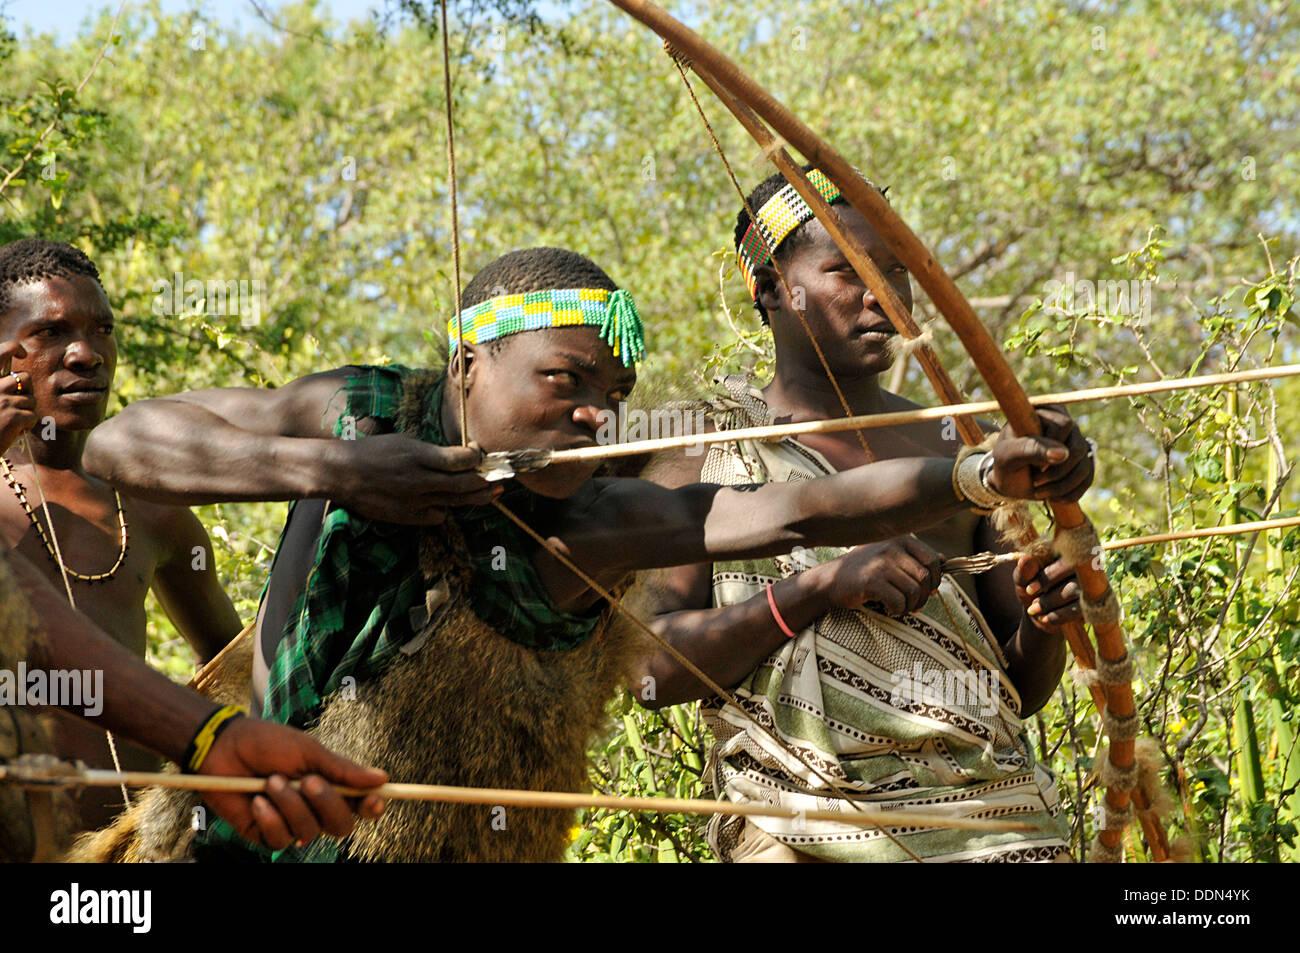 arrow bow hunting tribe stock photos arrow bow hunting tribe stock